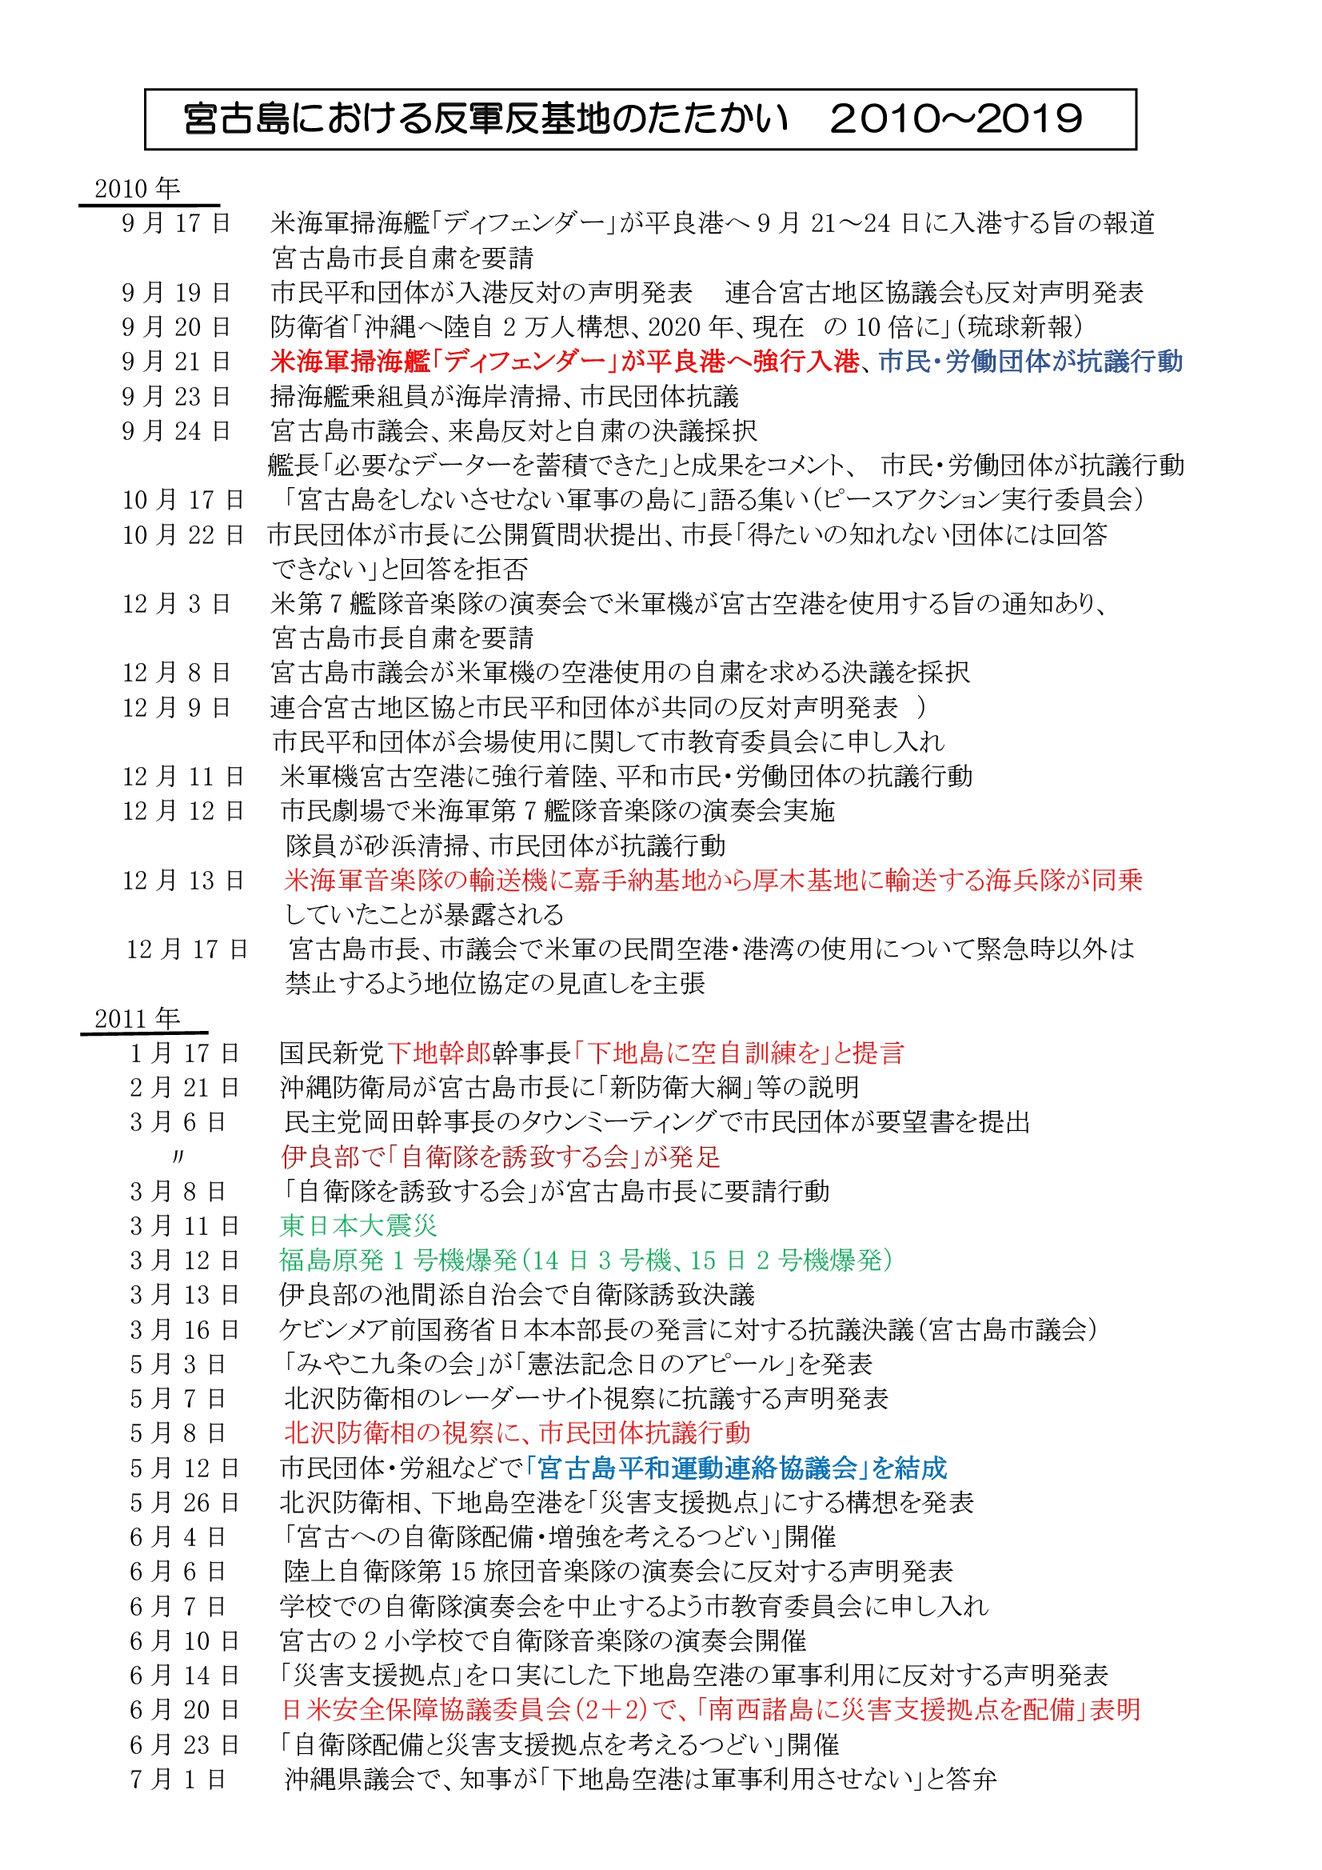 年表:宮古島における反軍反基地の闘い2010~2018 (1)0001[1]